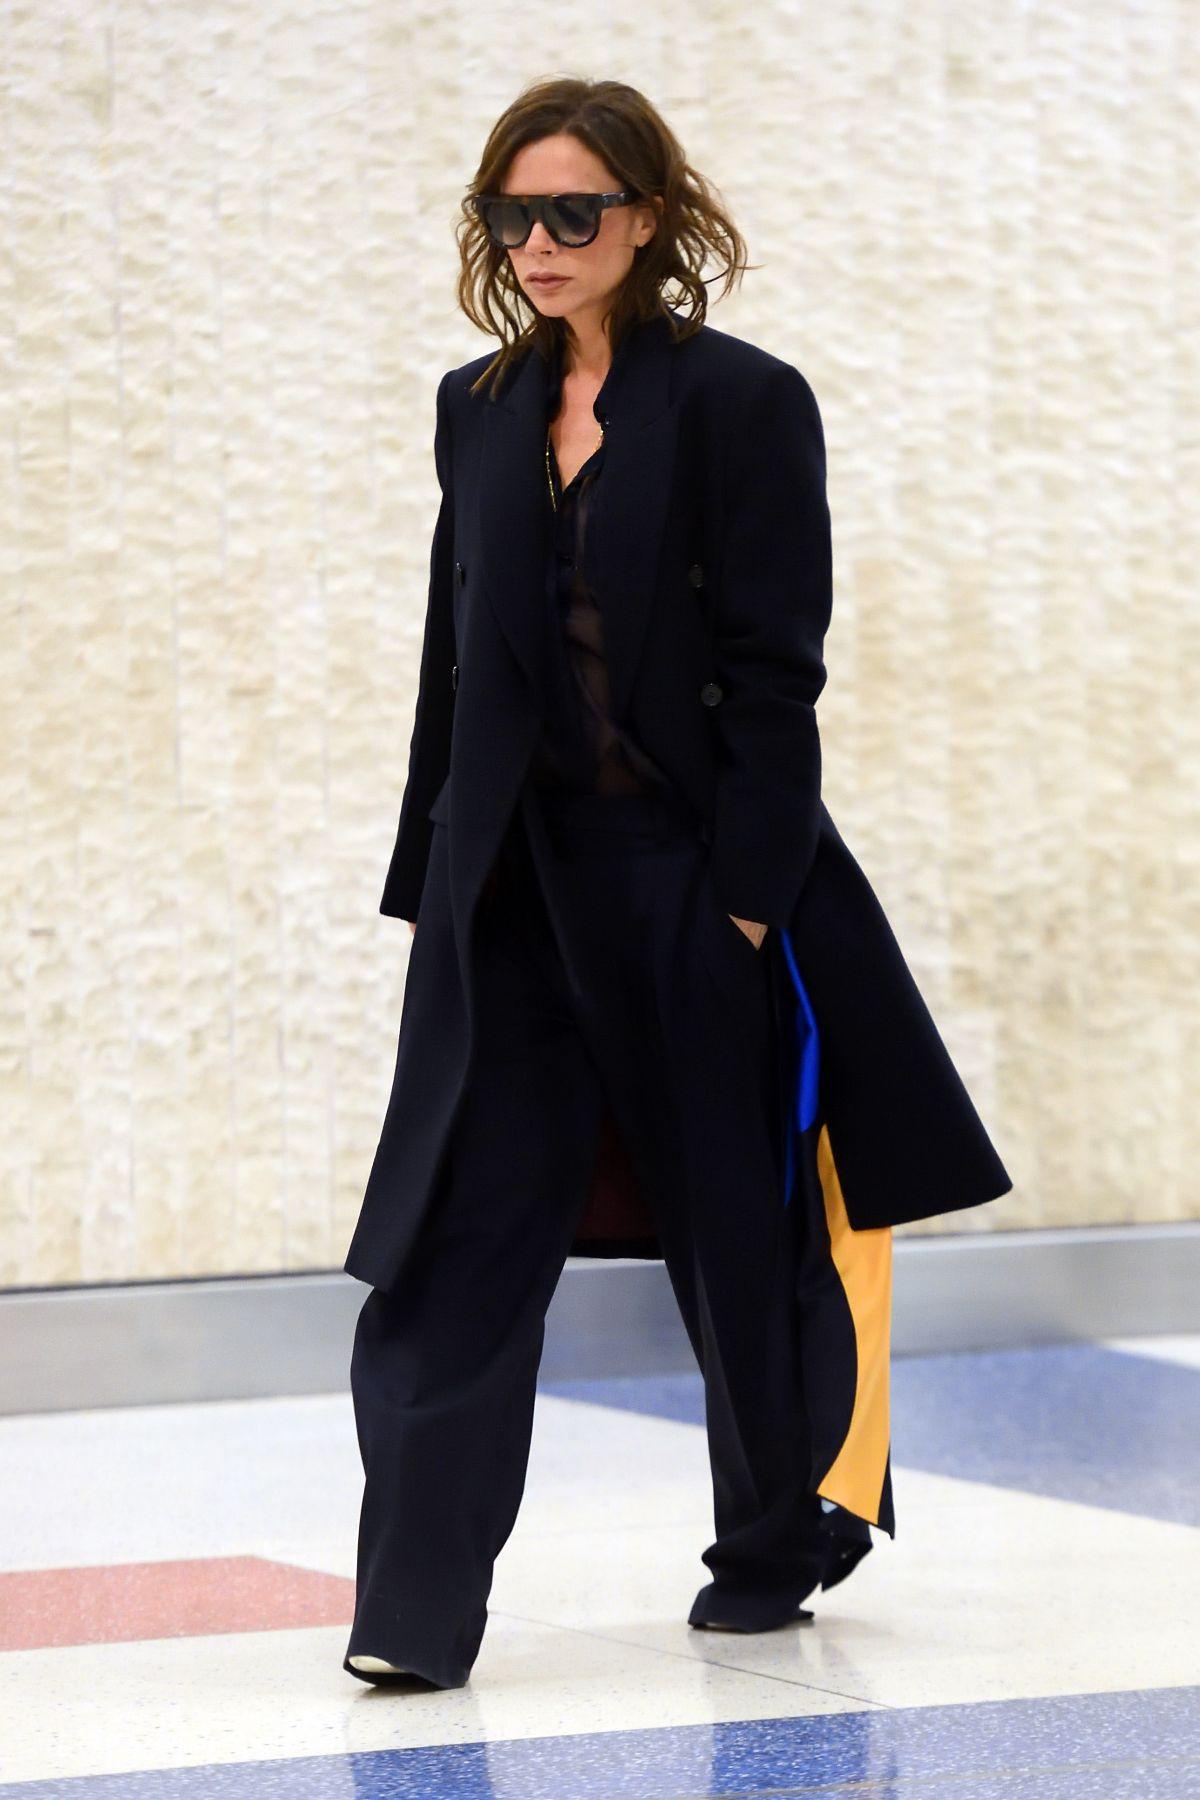 VICTORIA BECKHAM at JFK Airport in New York 03/13/2017 ... Victoria Beckham